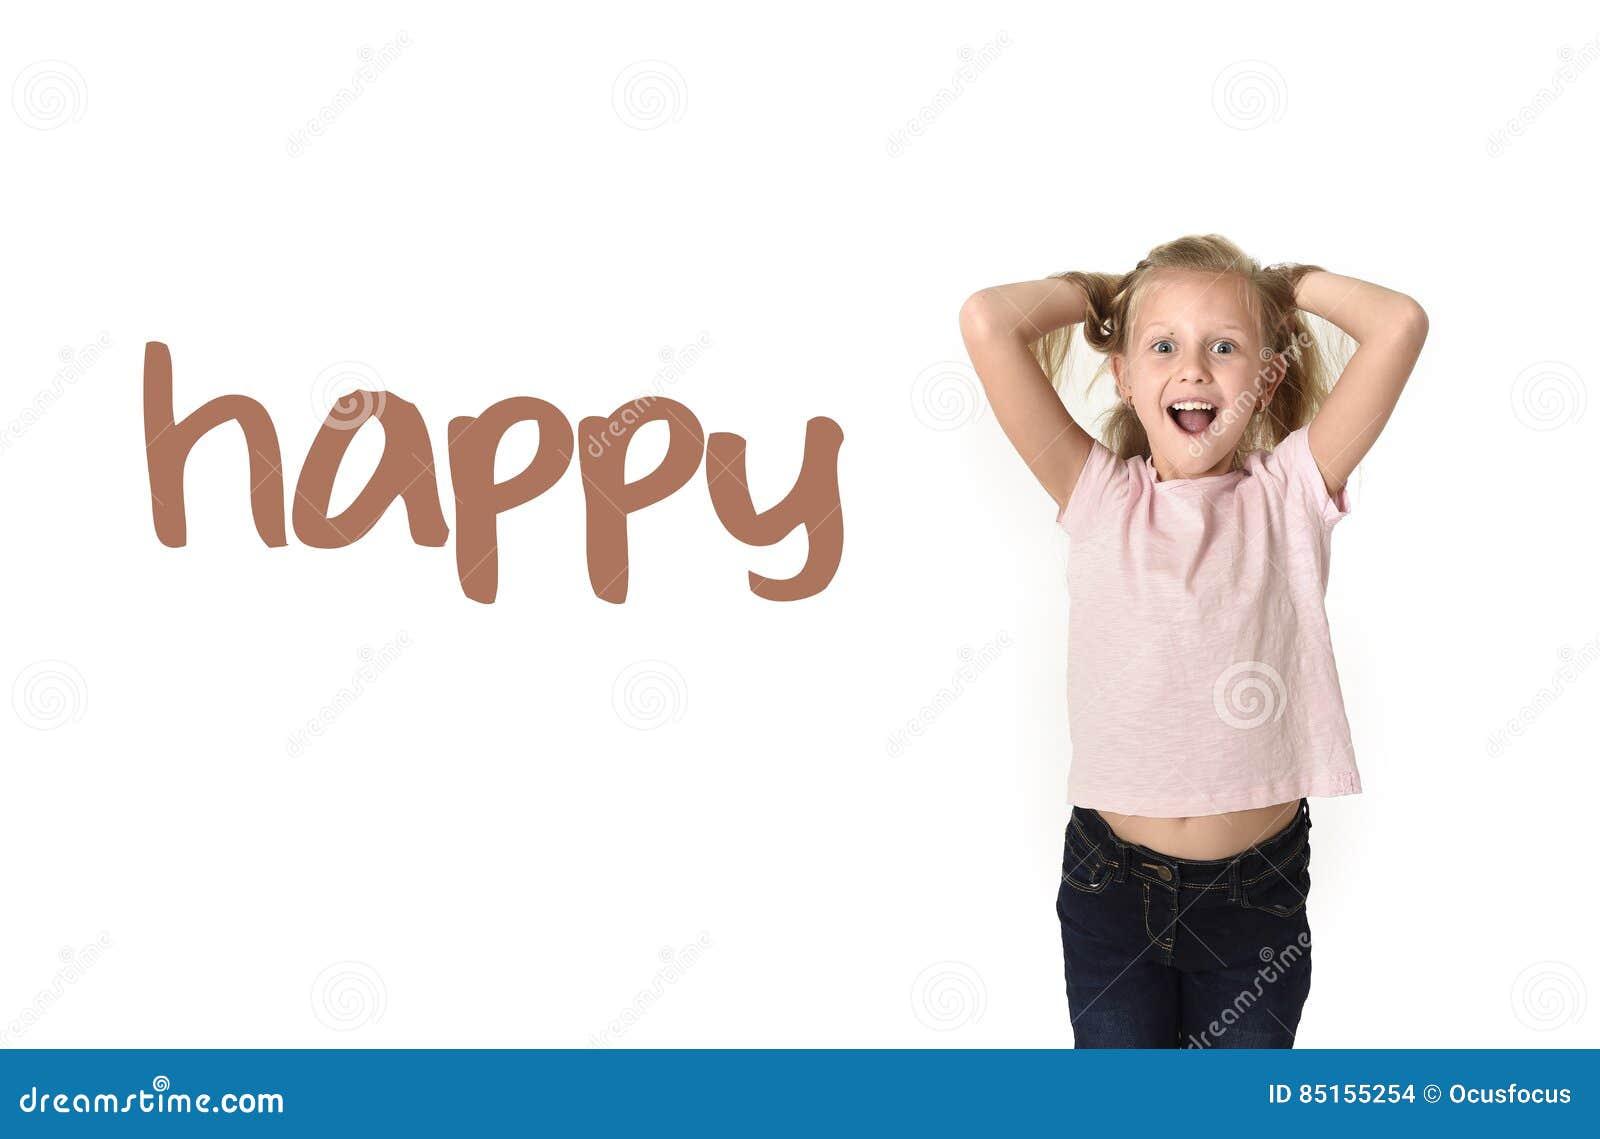 Tarjeta de la escuela del vocabulario del aprendizaje de idiomas ingleses del niño femenino feliz hermoso joven emocionado